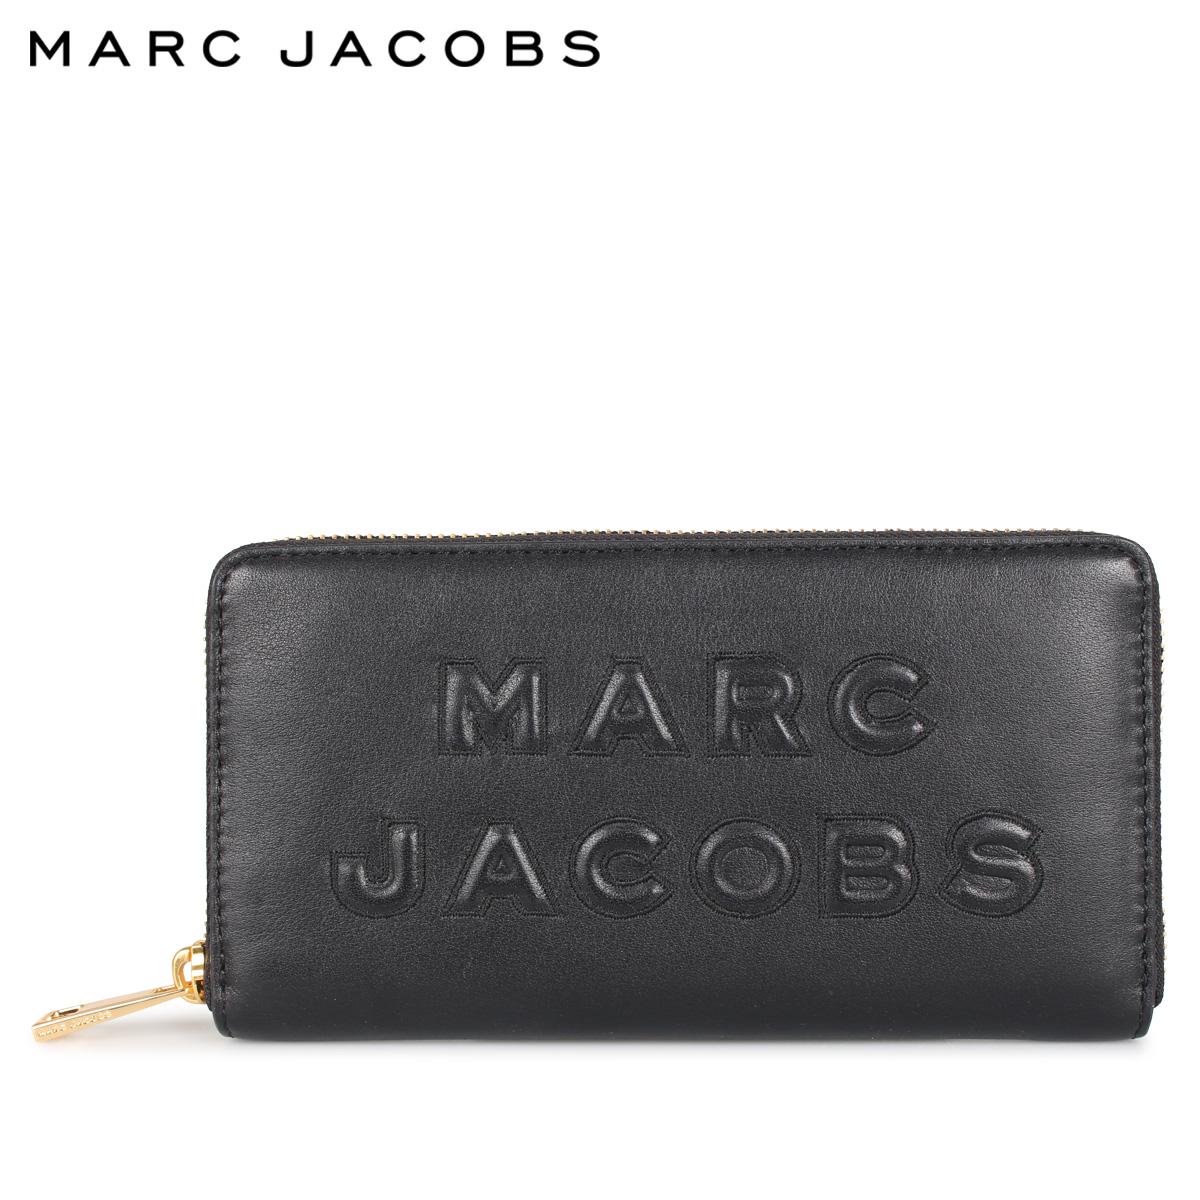 MARC JACOBS マークジェイコブス 財布 長財布 レディース ラウンドファスナー WALLET ブラック 黒 M0015683-001 [4/27 新入荷]